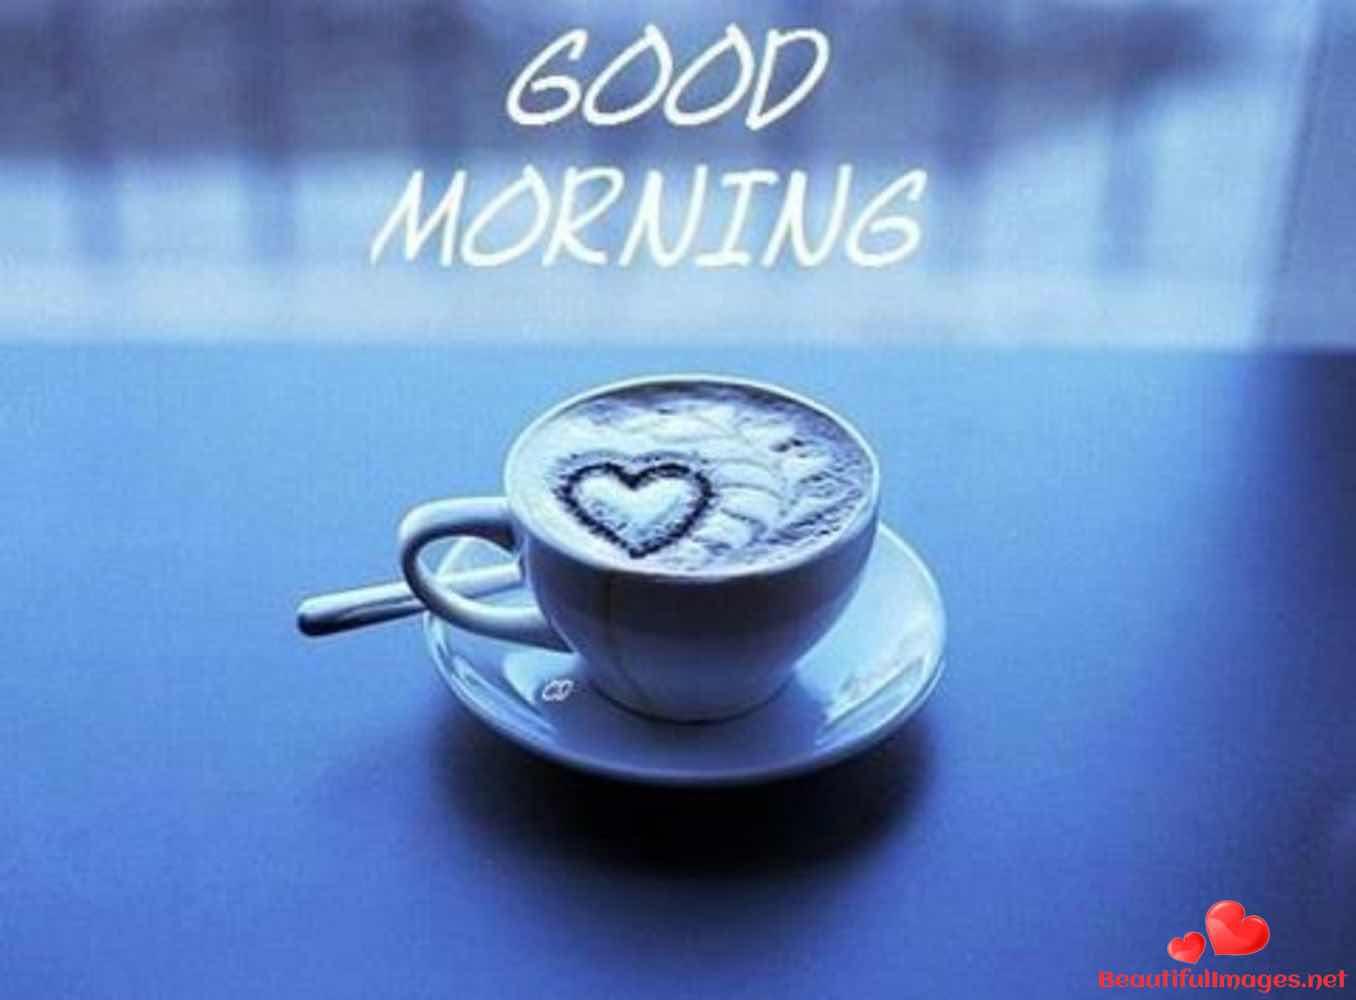 Карандашом веселый, доброе утро картинки для мужчины с надписями на английском языке